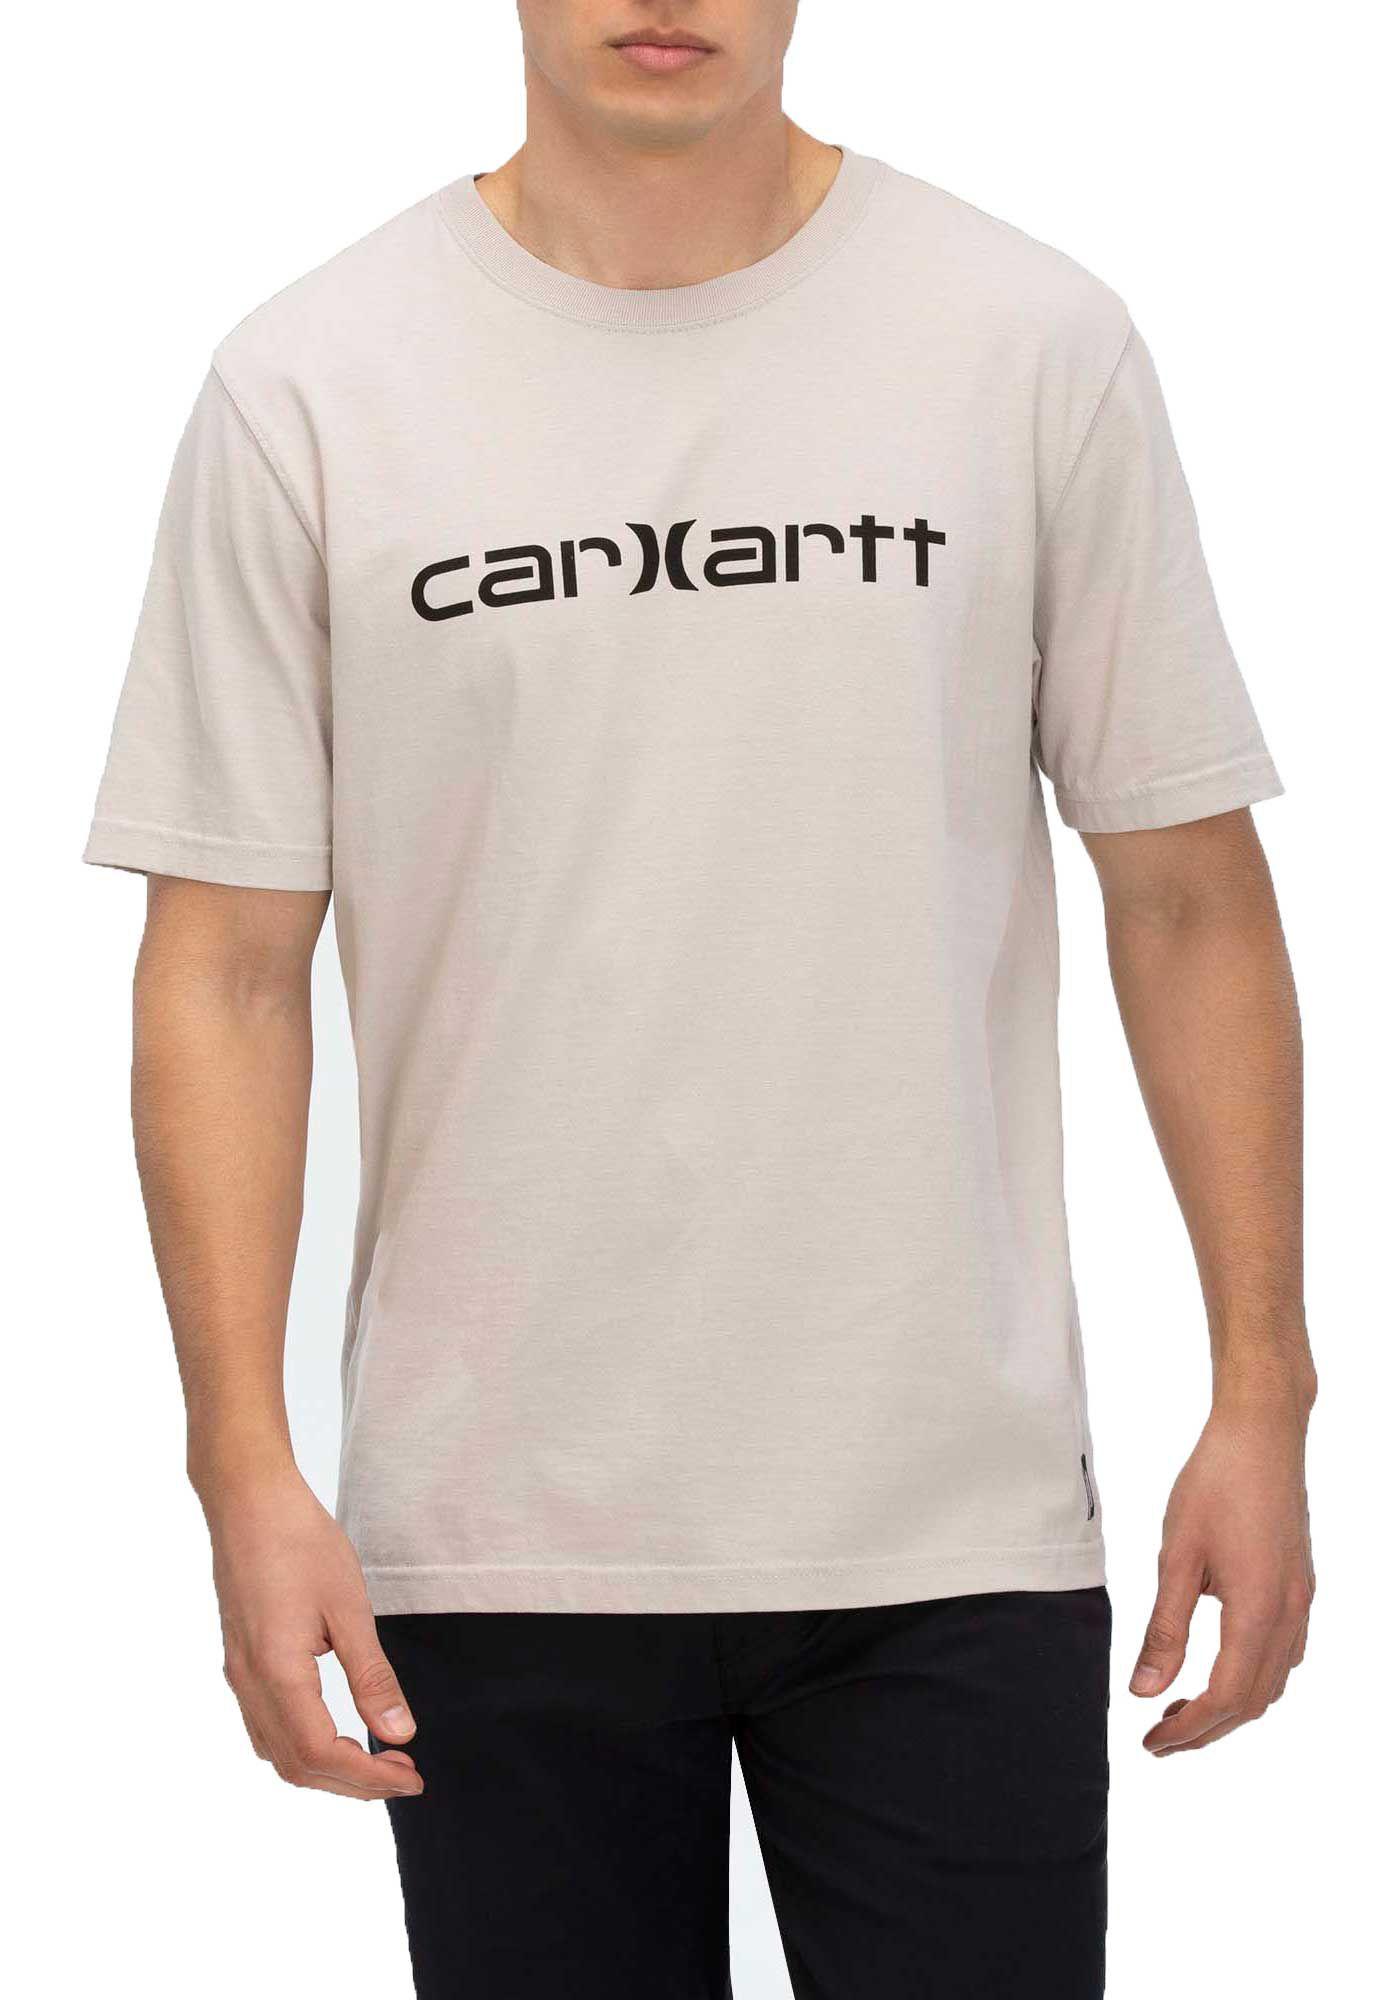 Hurley Men's Hurley X Carhartt Lockup Short Sleeve T-Shirt